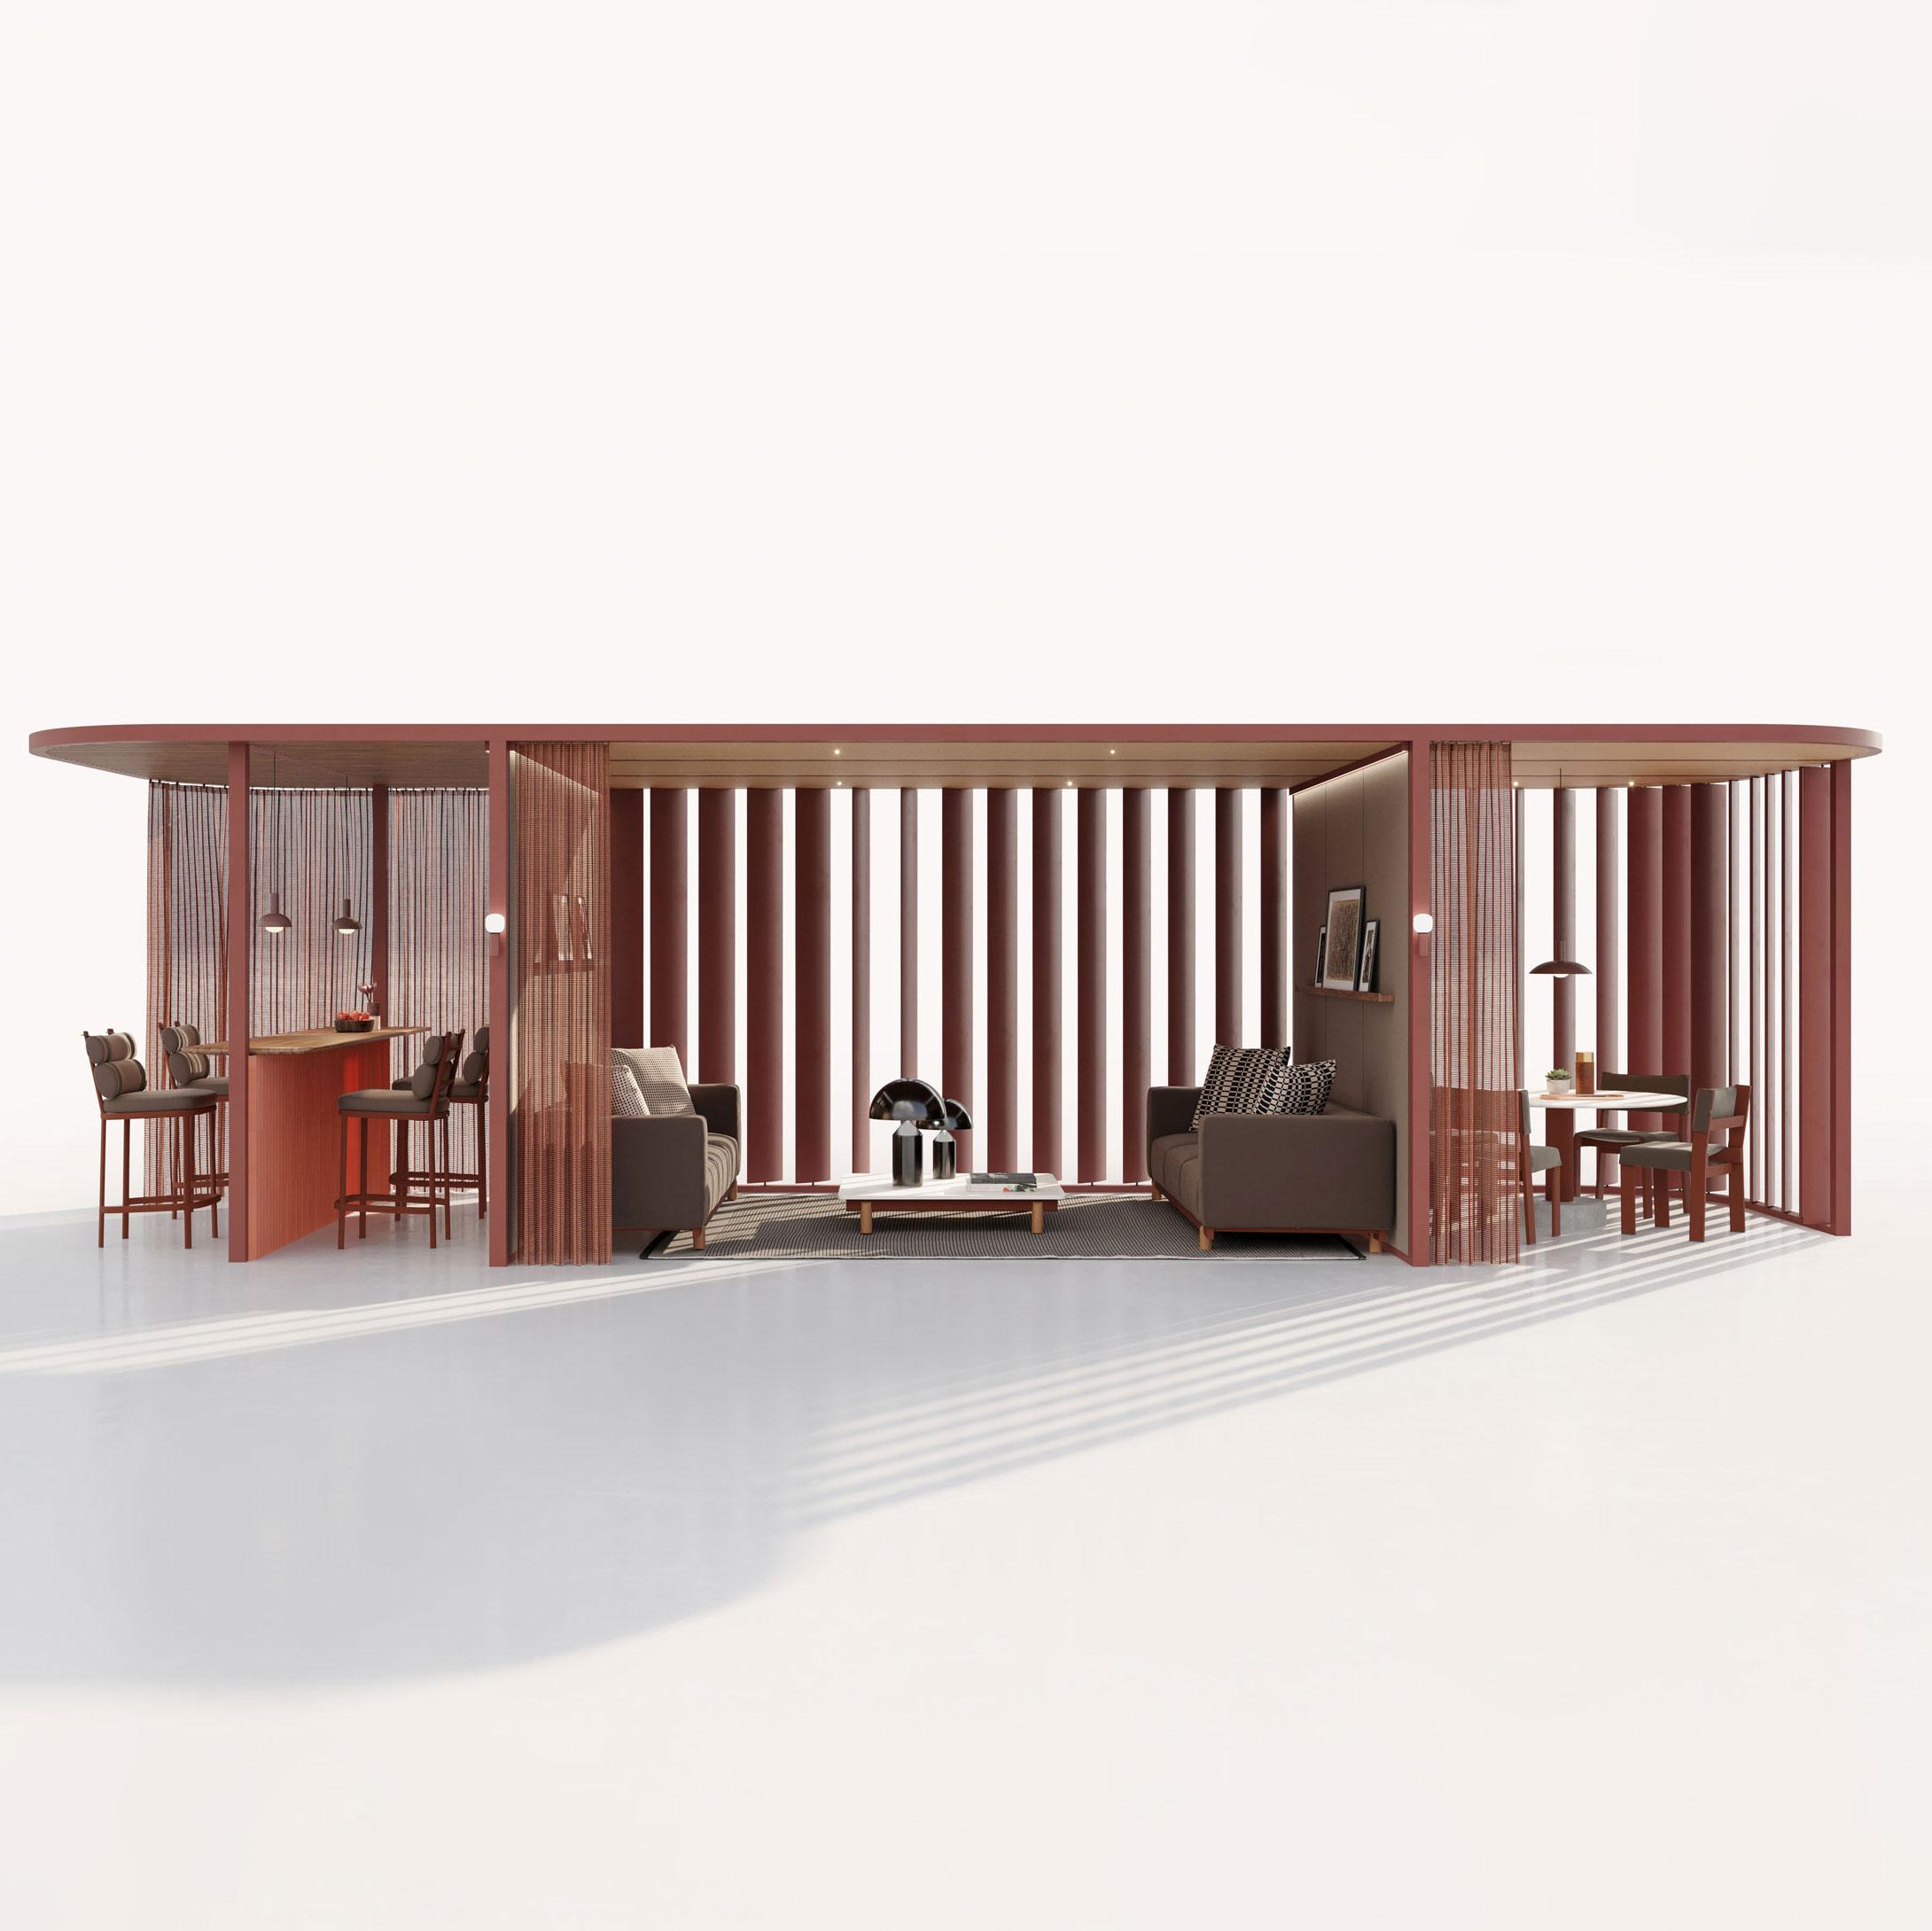 Pavilion-O---HUB-Curved-studio-Front_1.jpg